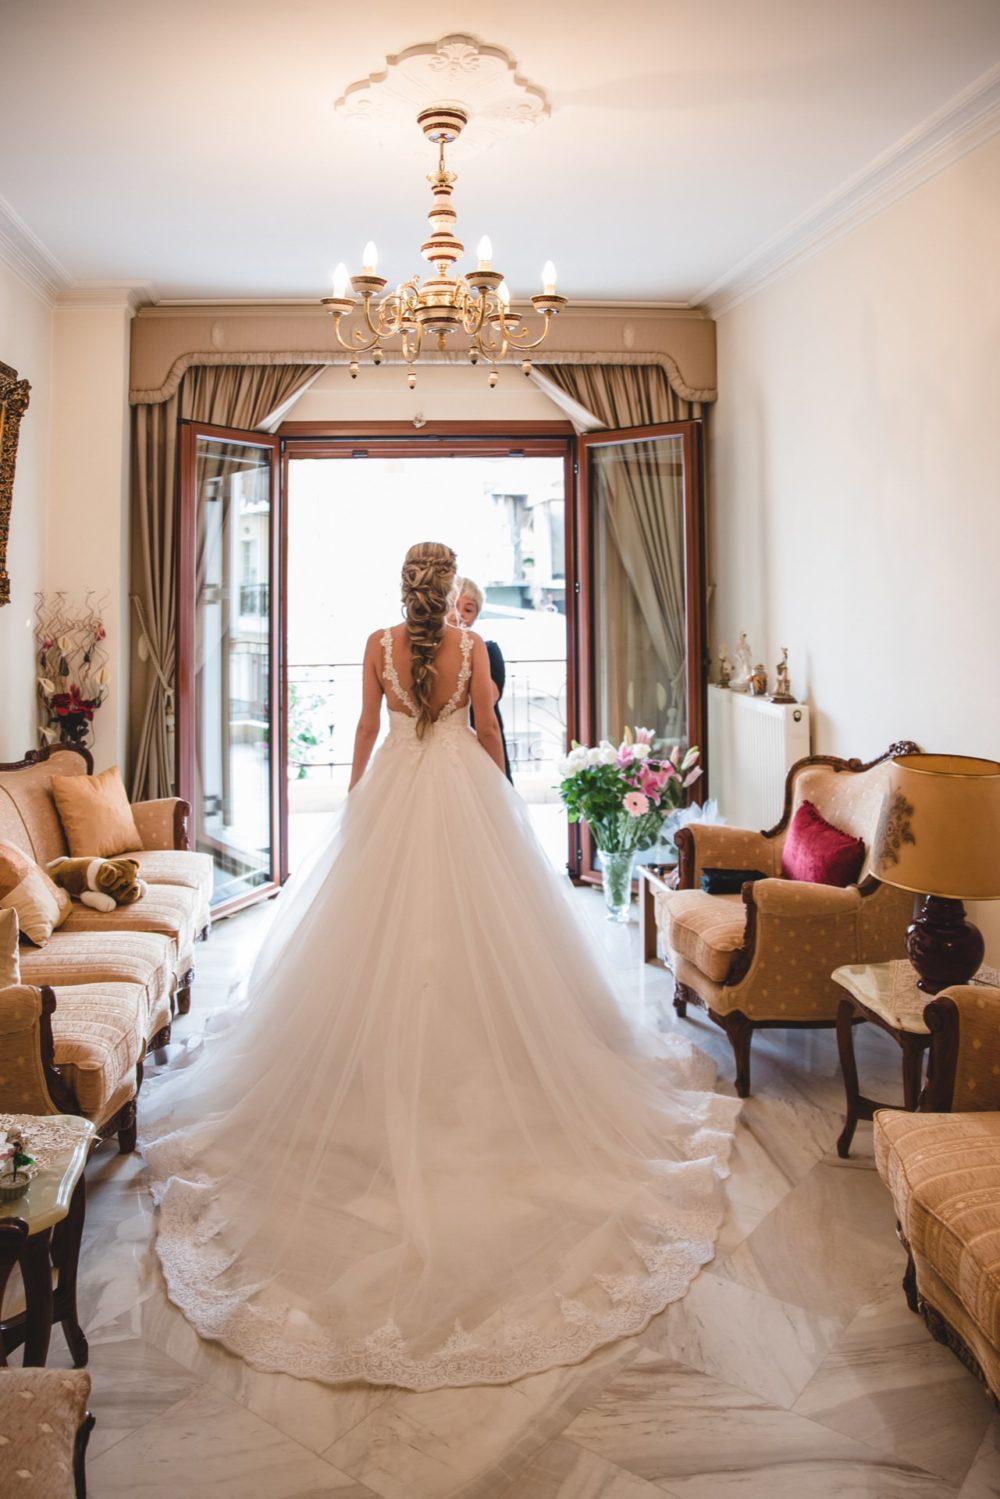 Fotografisi Gamou Wedding Gamos Fotografos Ilias & Dimitra028